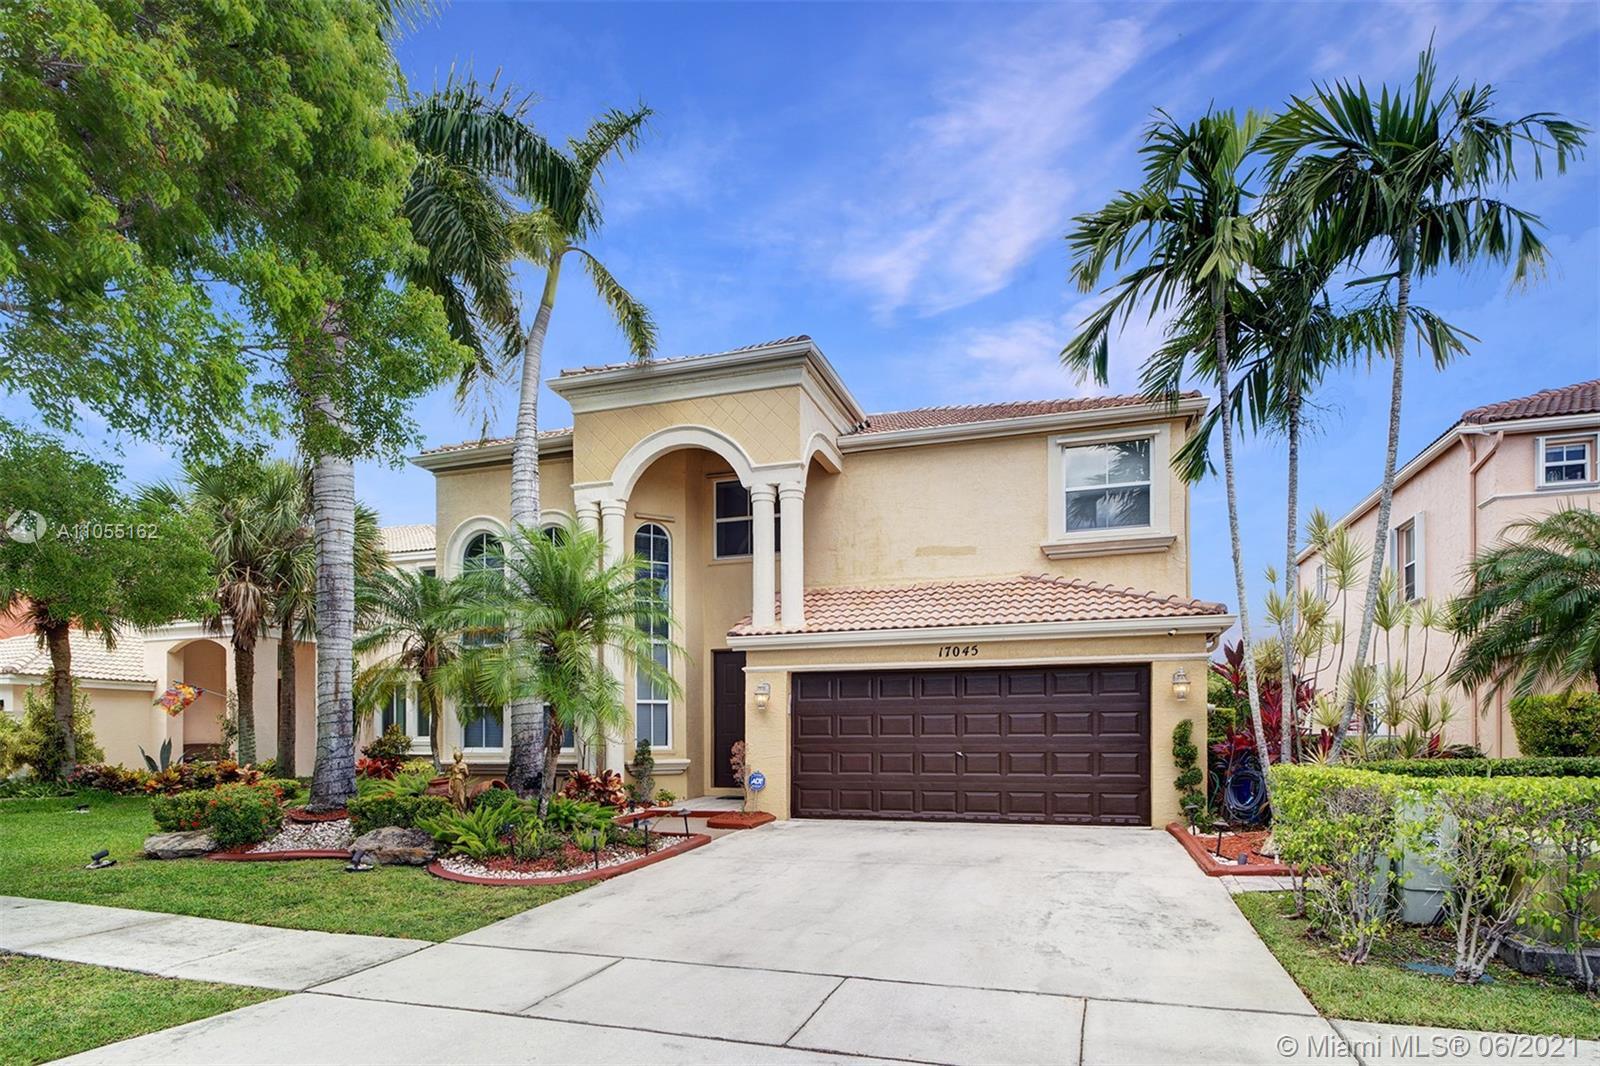 Riviera Isles - 17045 SW 52nd Ct, Miramar, FL 33027